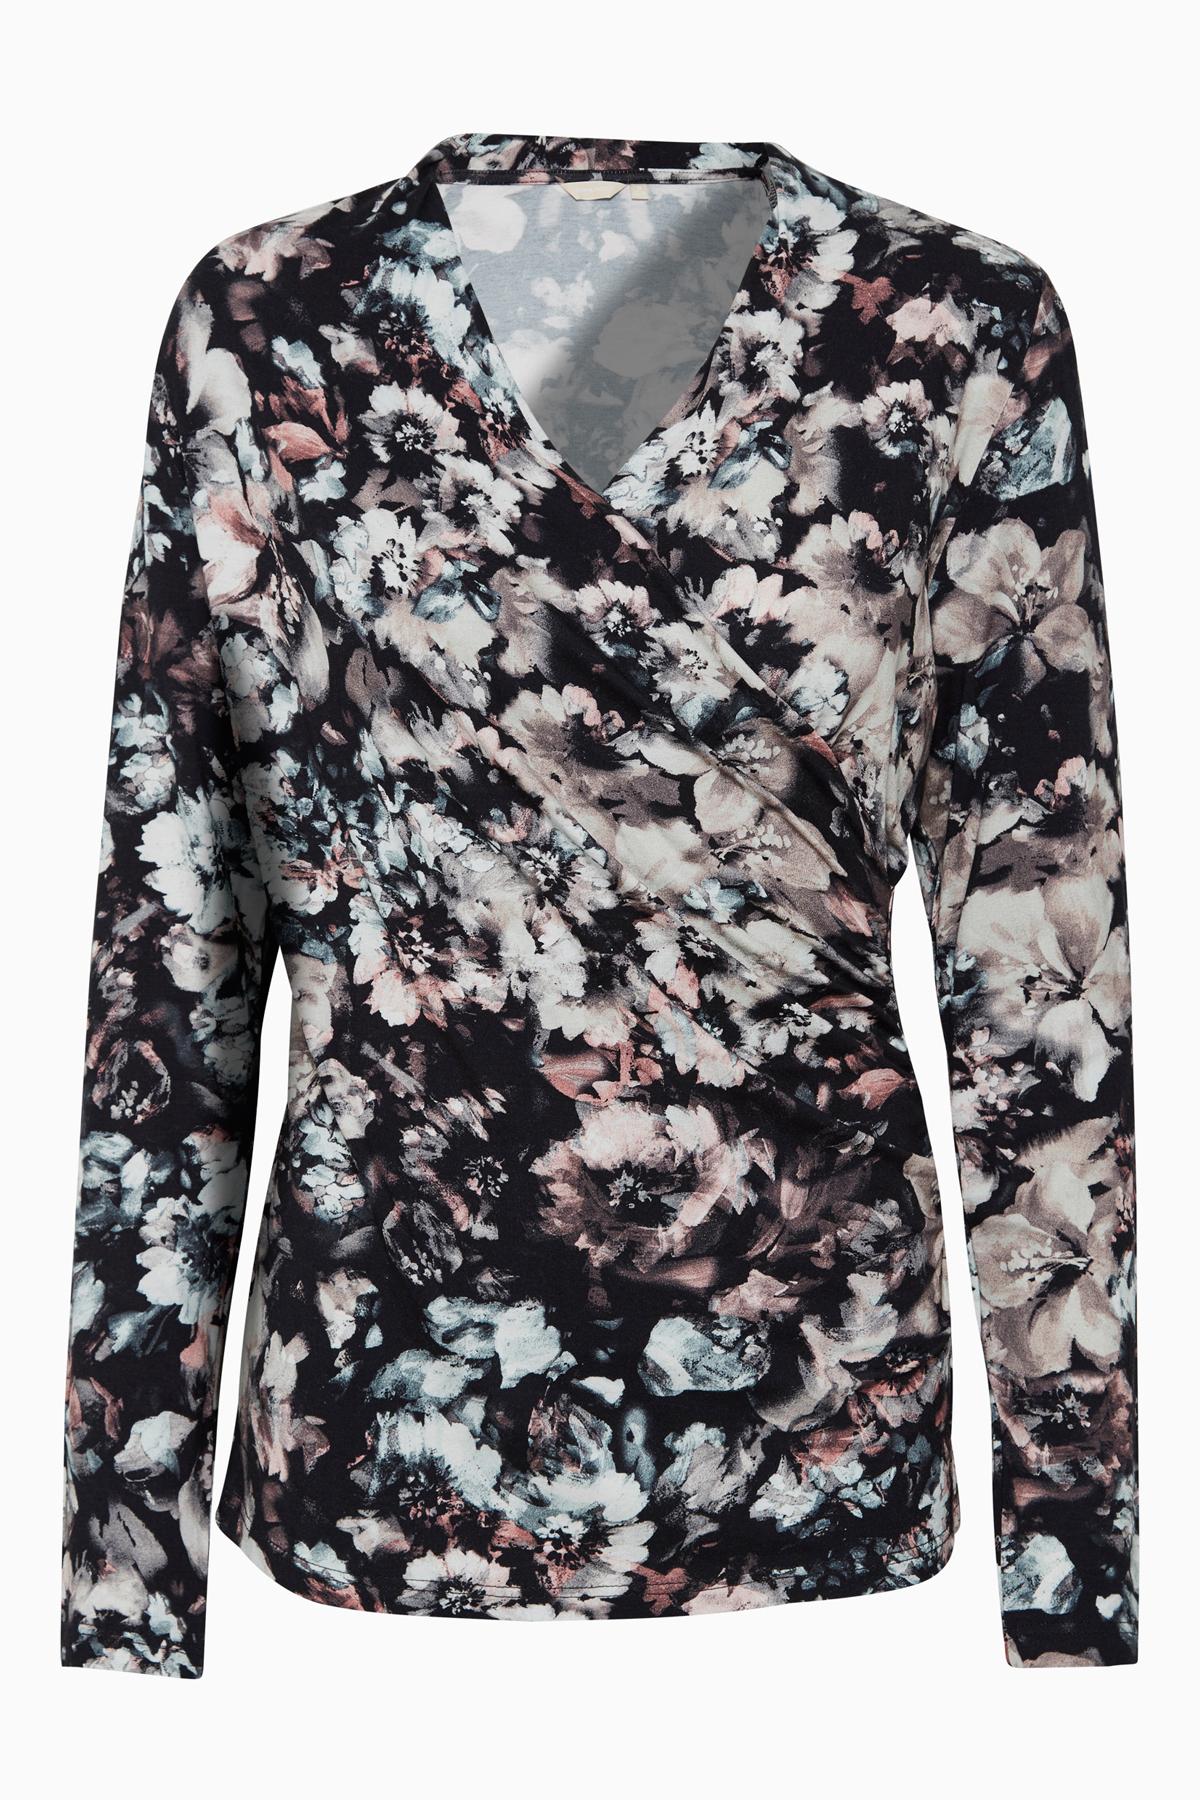 Sort/rosa Langærmet bluse fra Bon'A Parte – Køb Sort/rosa Langærmet bluse fra str. S-3XL her